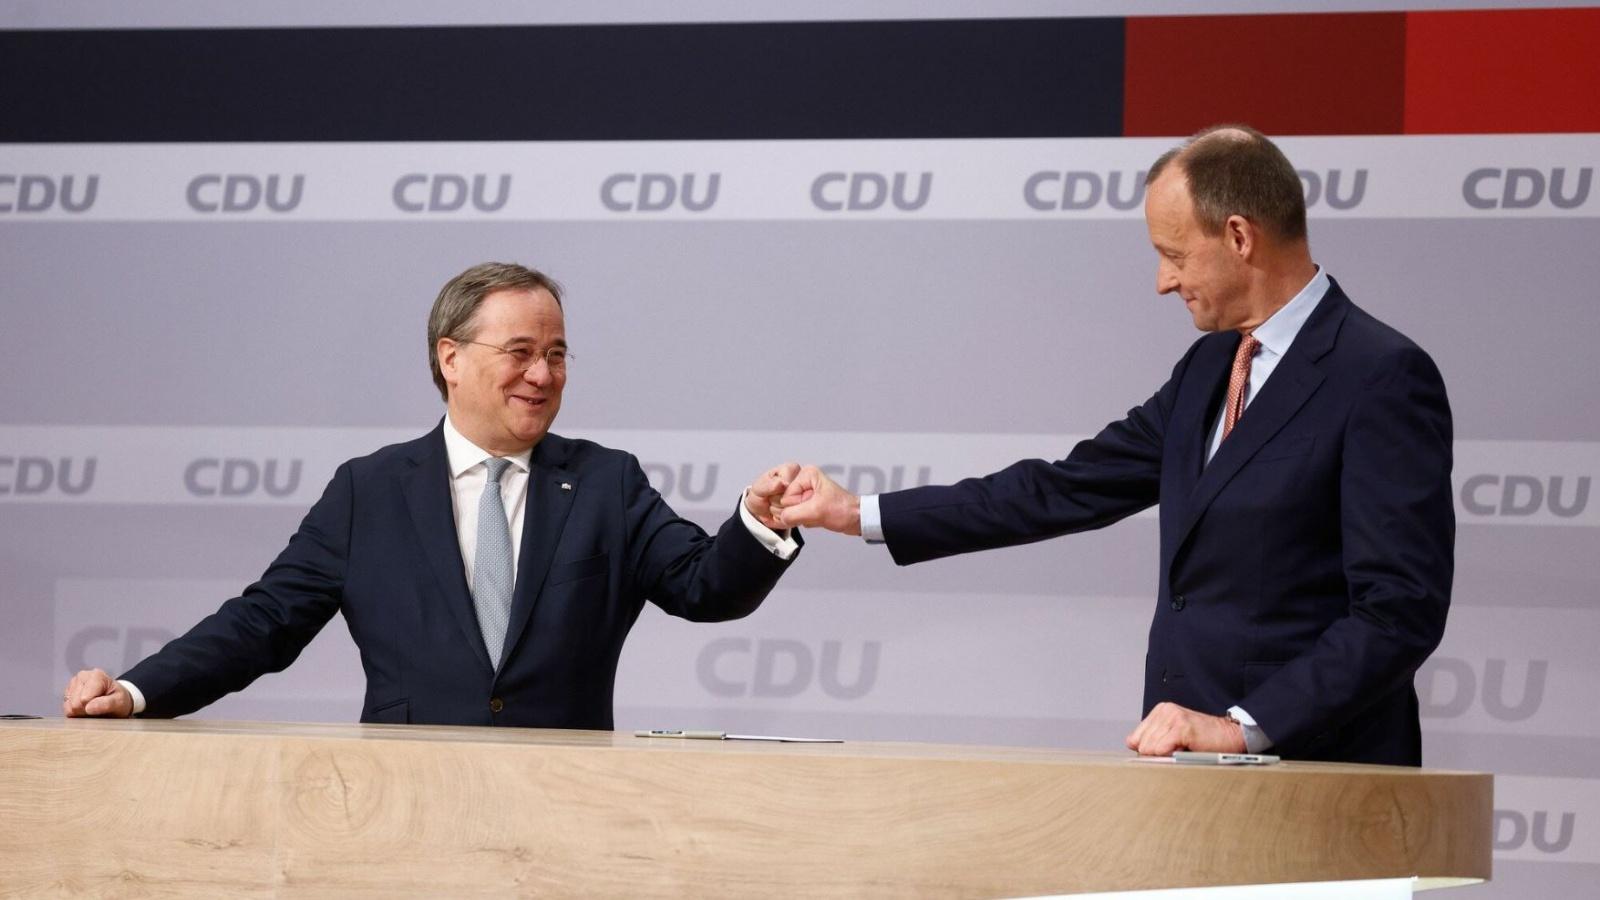 Der erste Glückwunsch kam vom unterlegenen Kandidaten Friedrich Merz: Armin Laschet ist neuer CDU-Vorsitzender